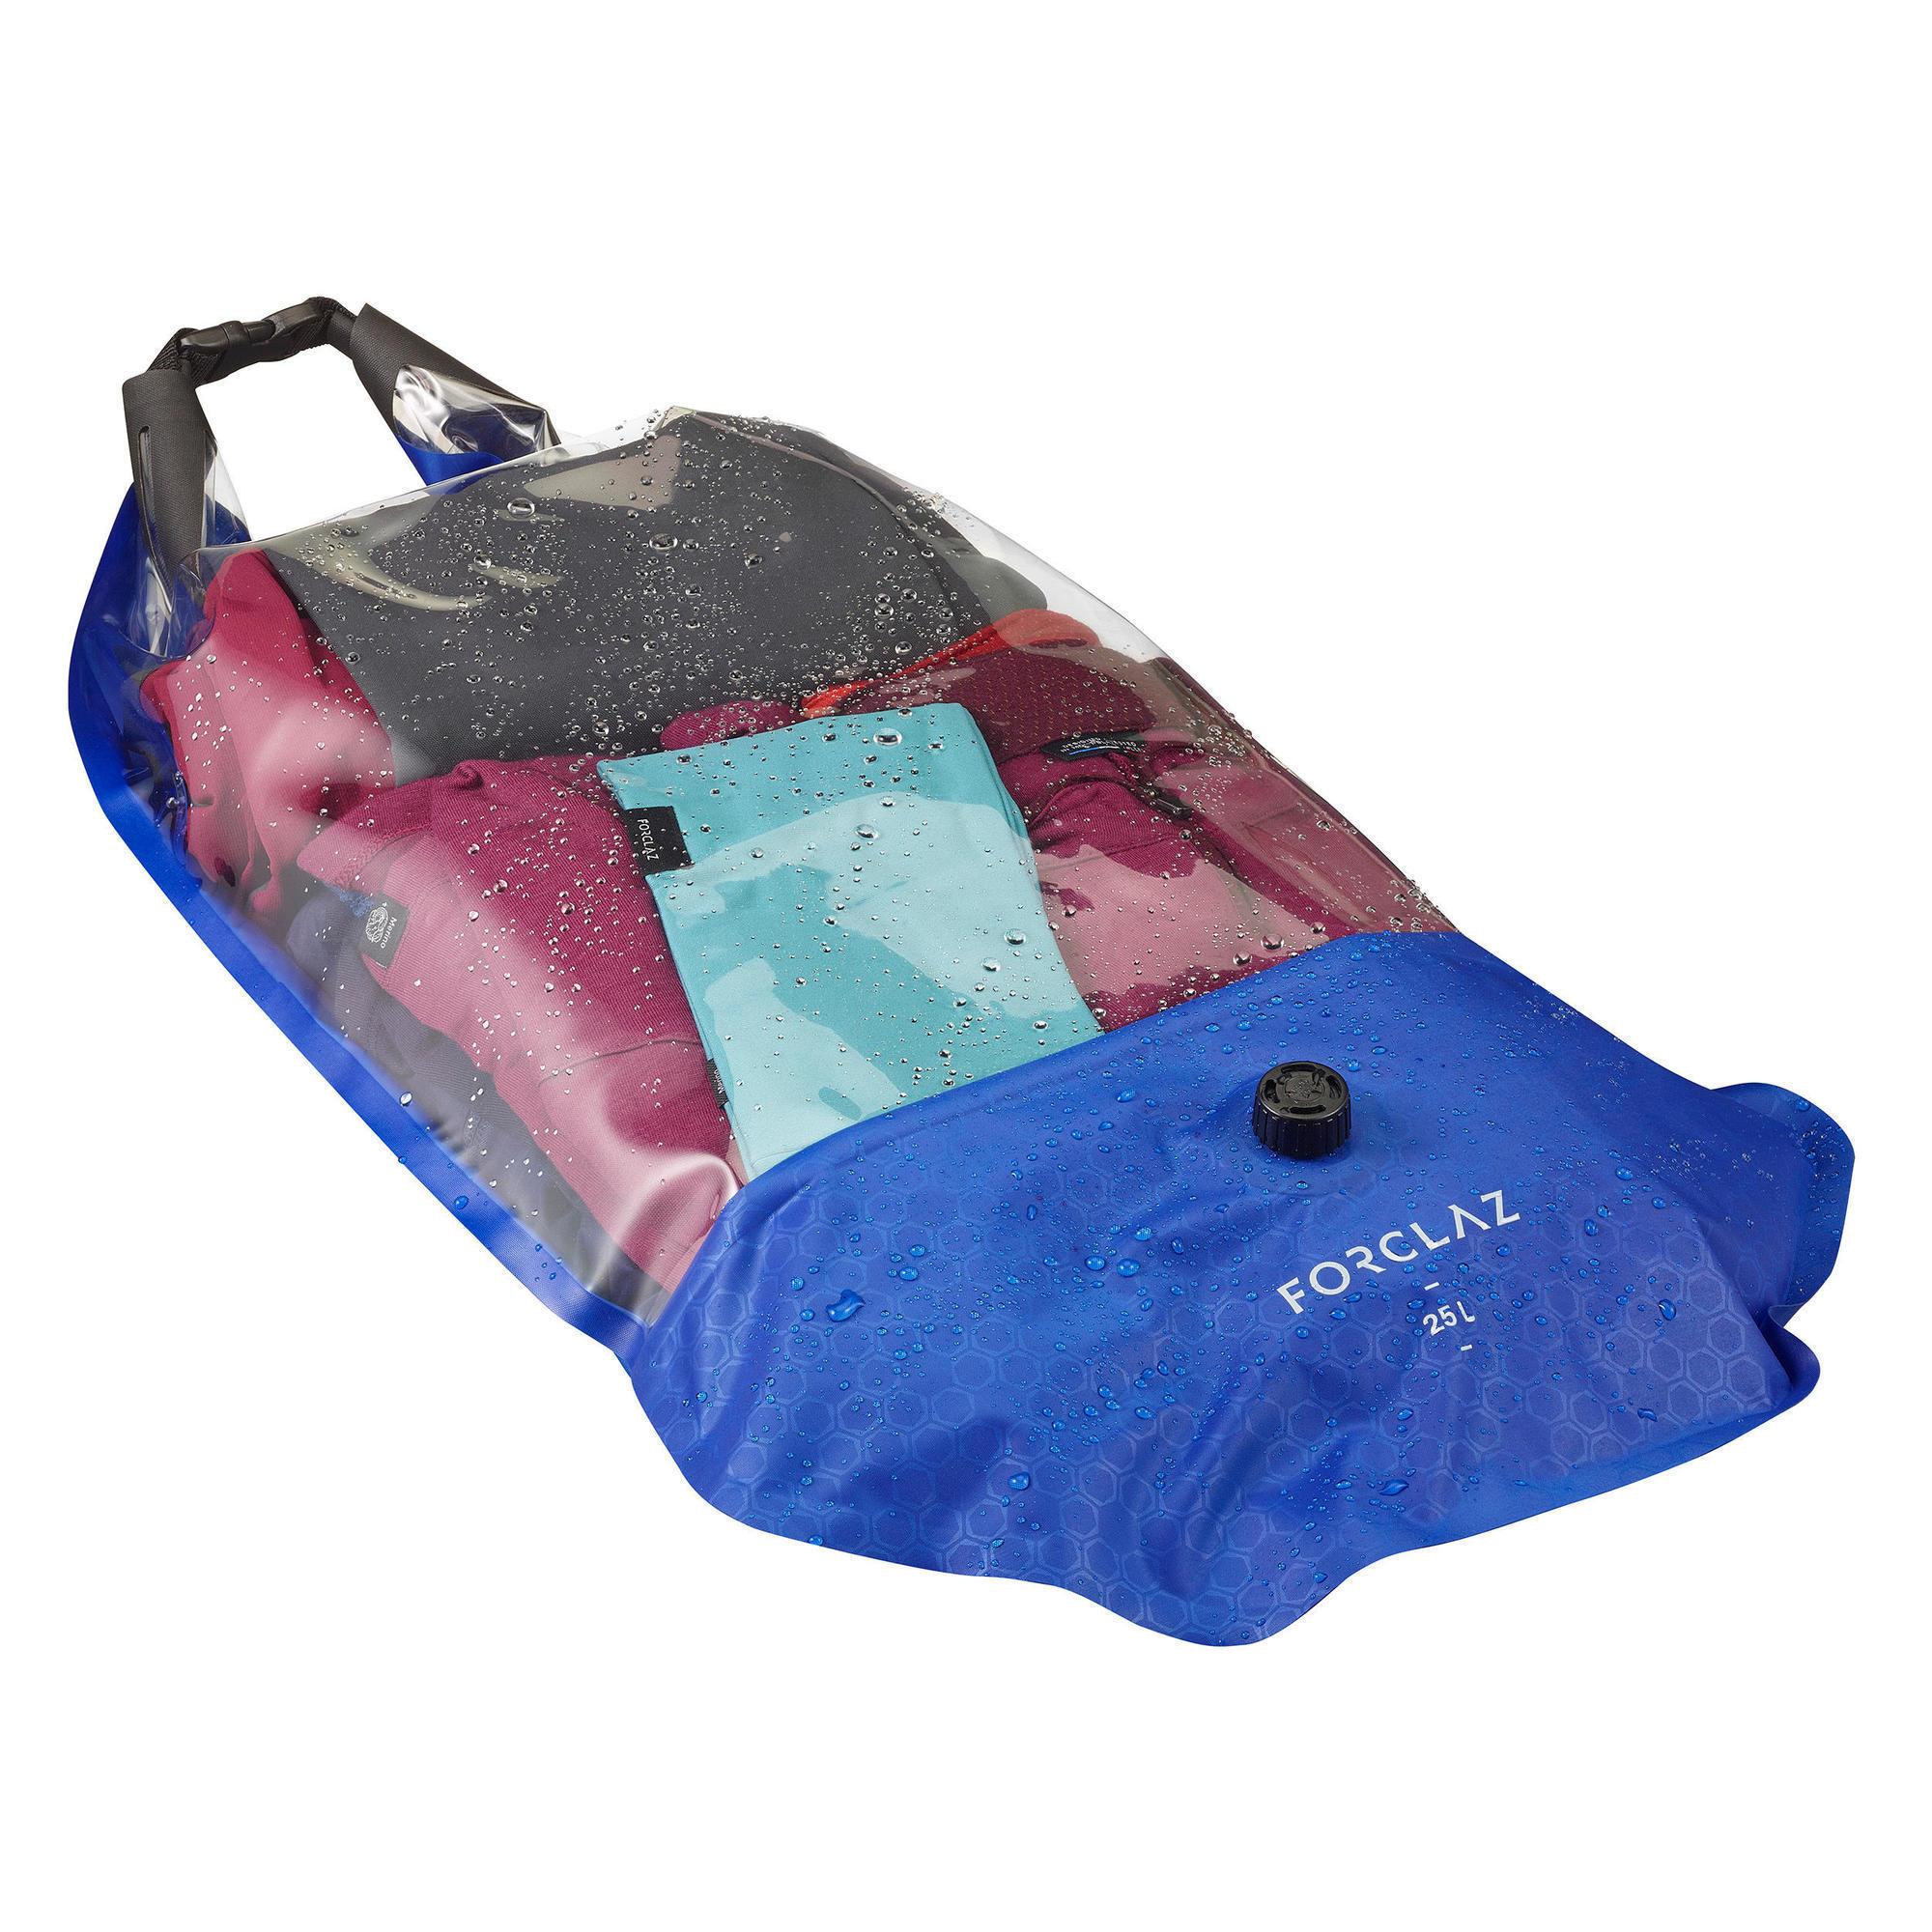 /Étanche Sacs De Compression en Tissu 300D Oxford Sac De Compression pour Sac De Couchage Sac De Rangement pour Sac /À Dos Et Camping Durable